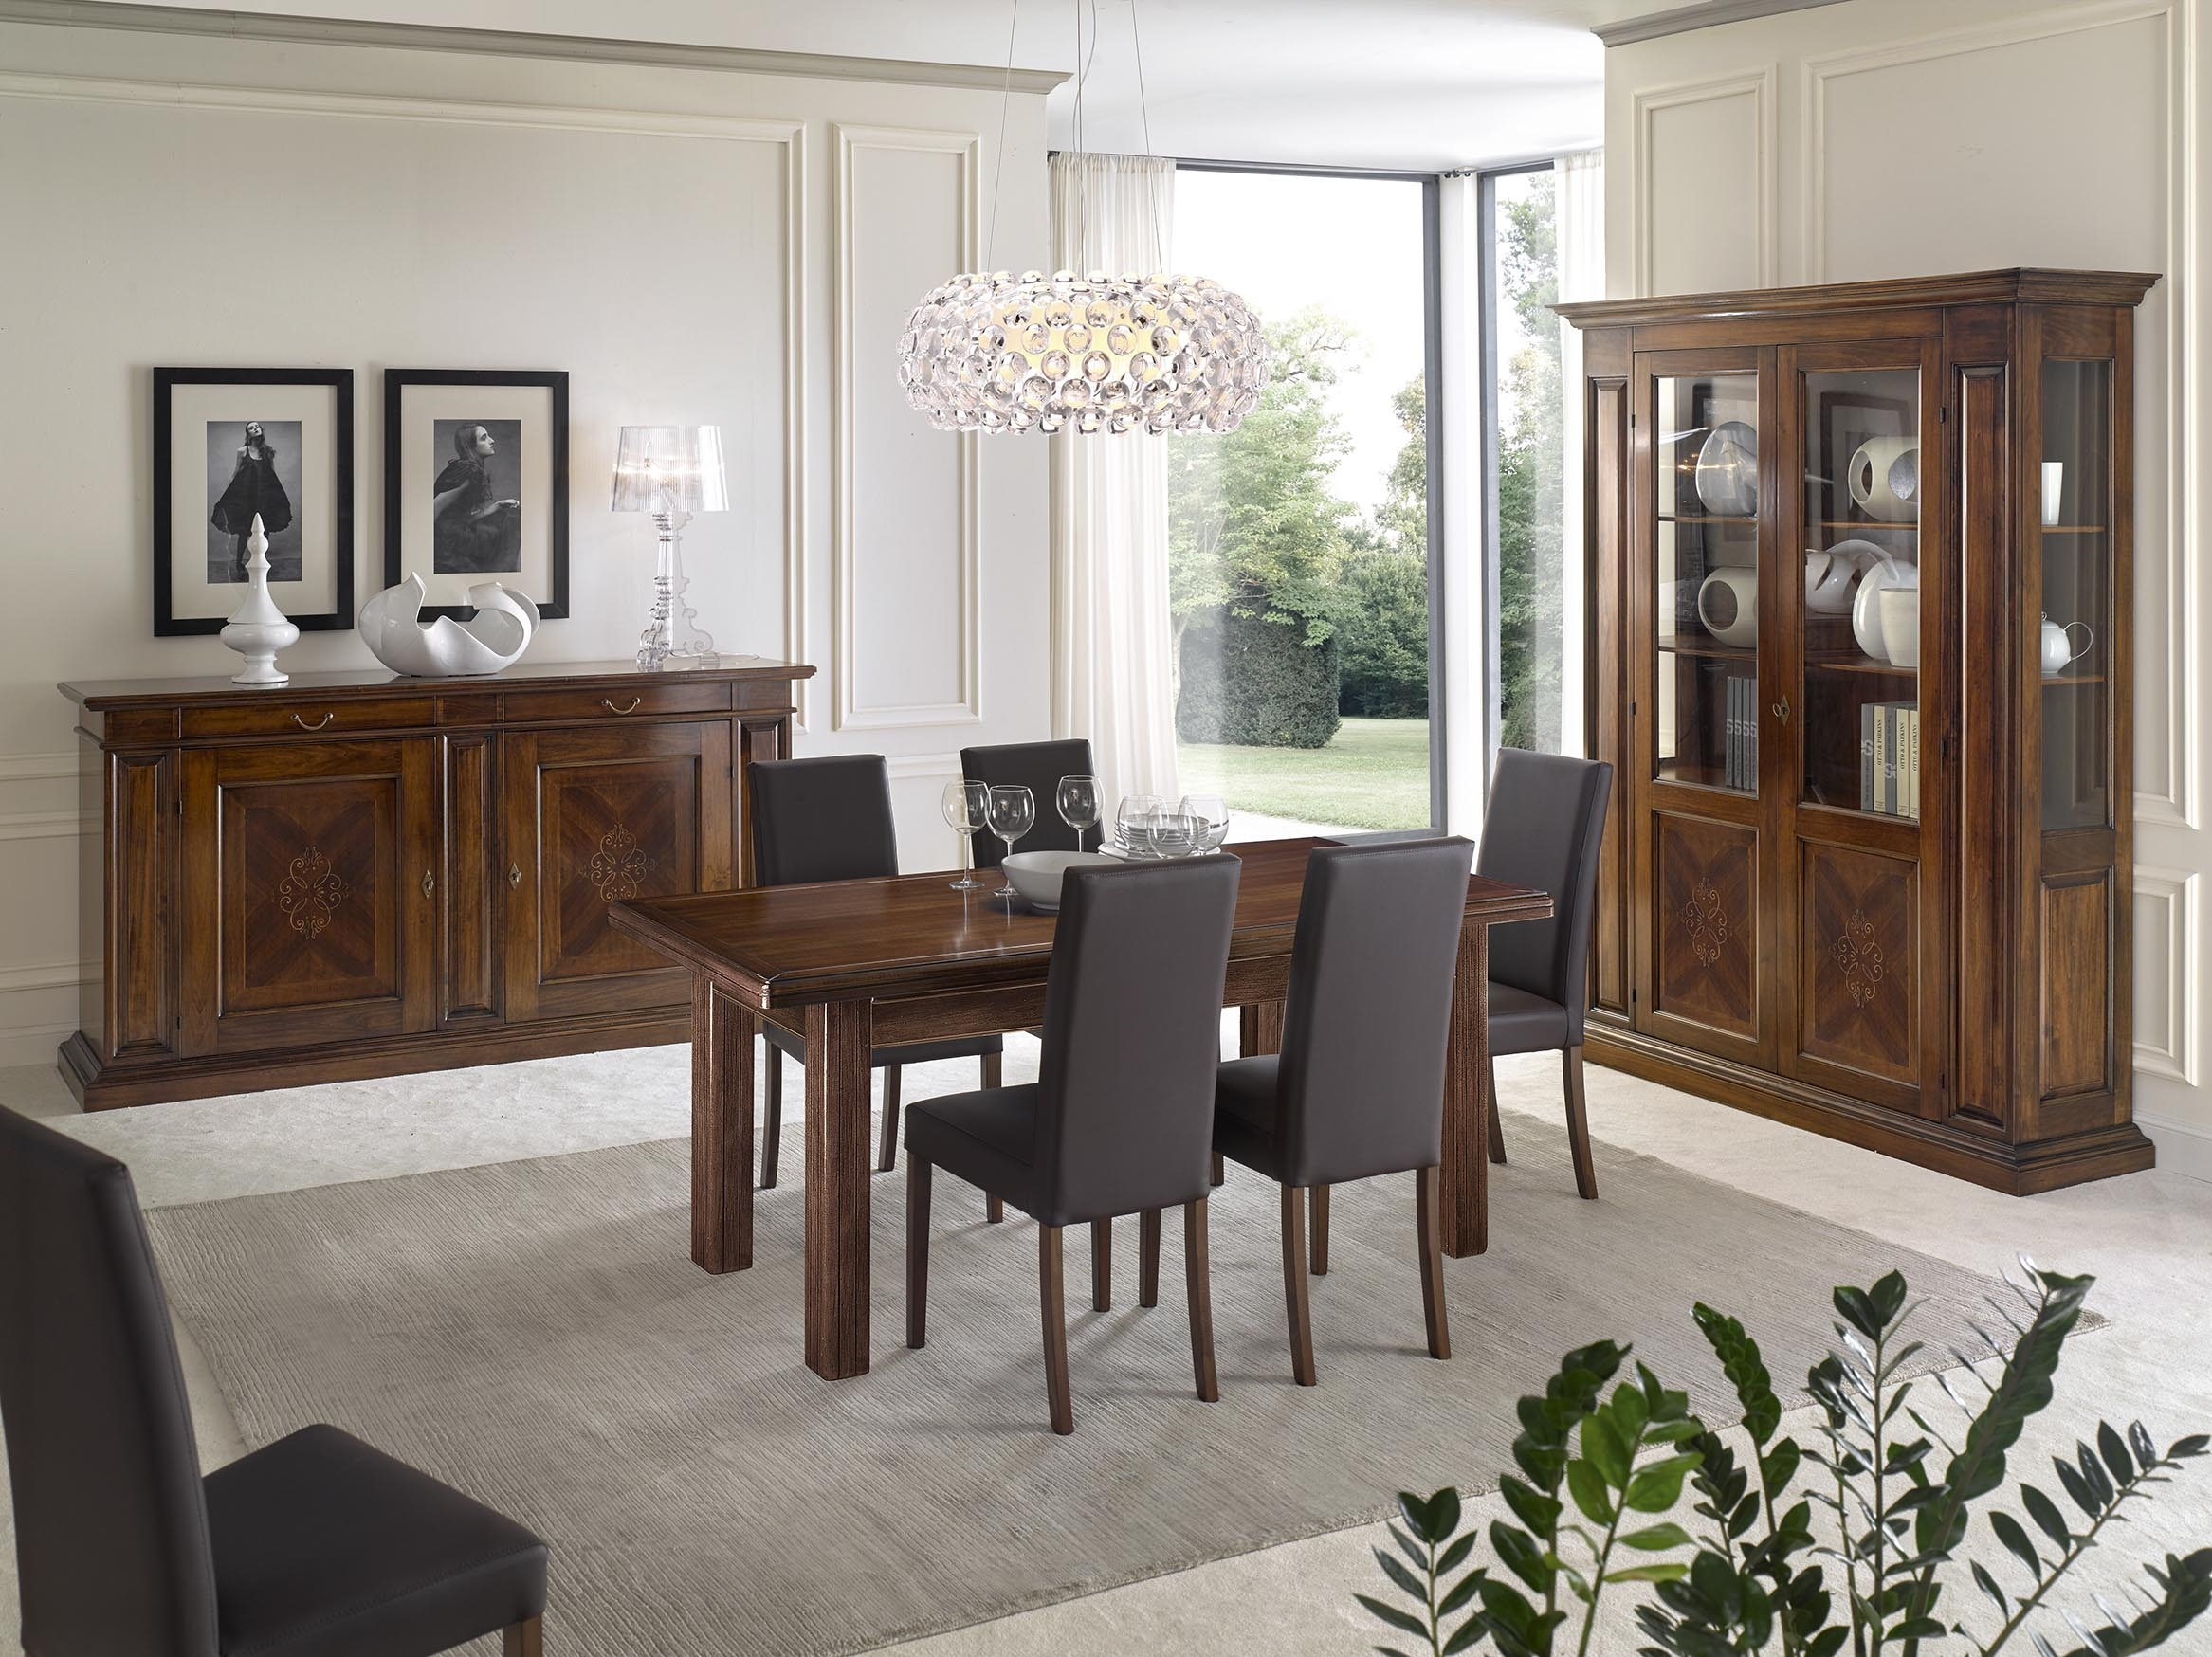 Sala da pranzo con mobili intarsiati in noce con tavolo ...